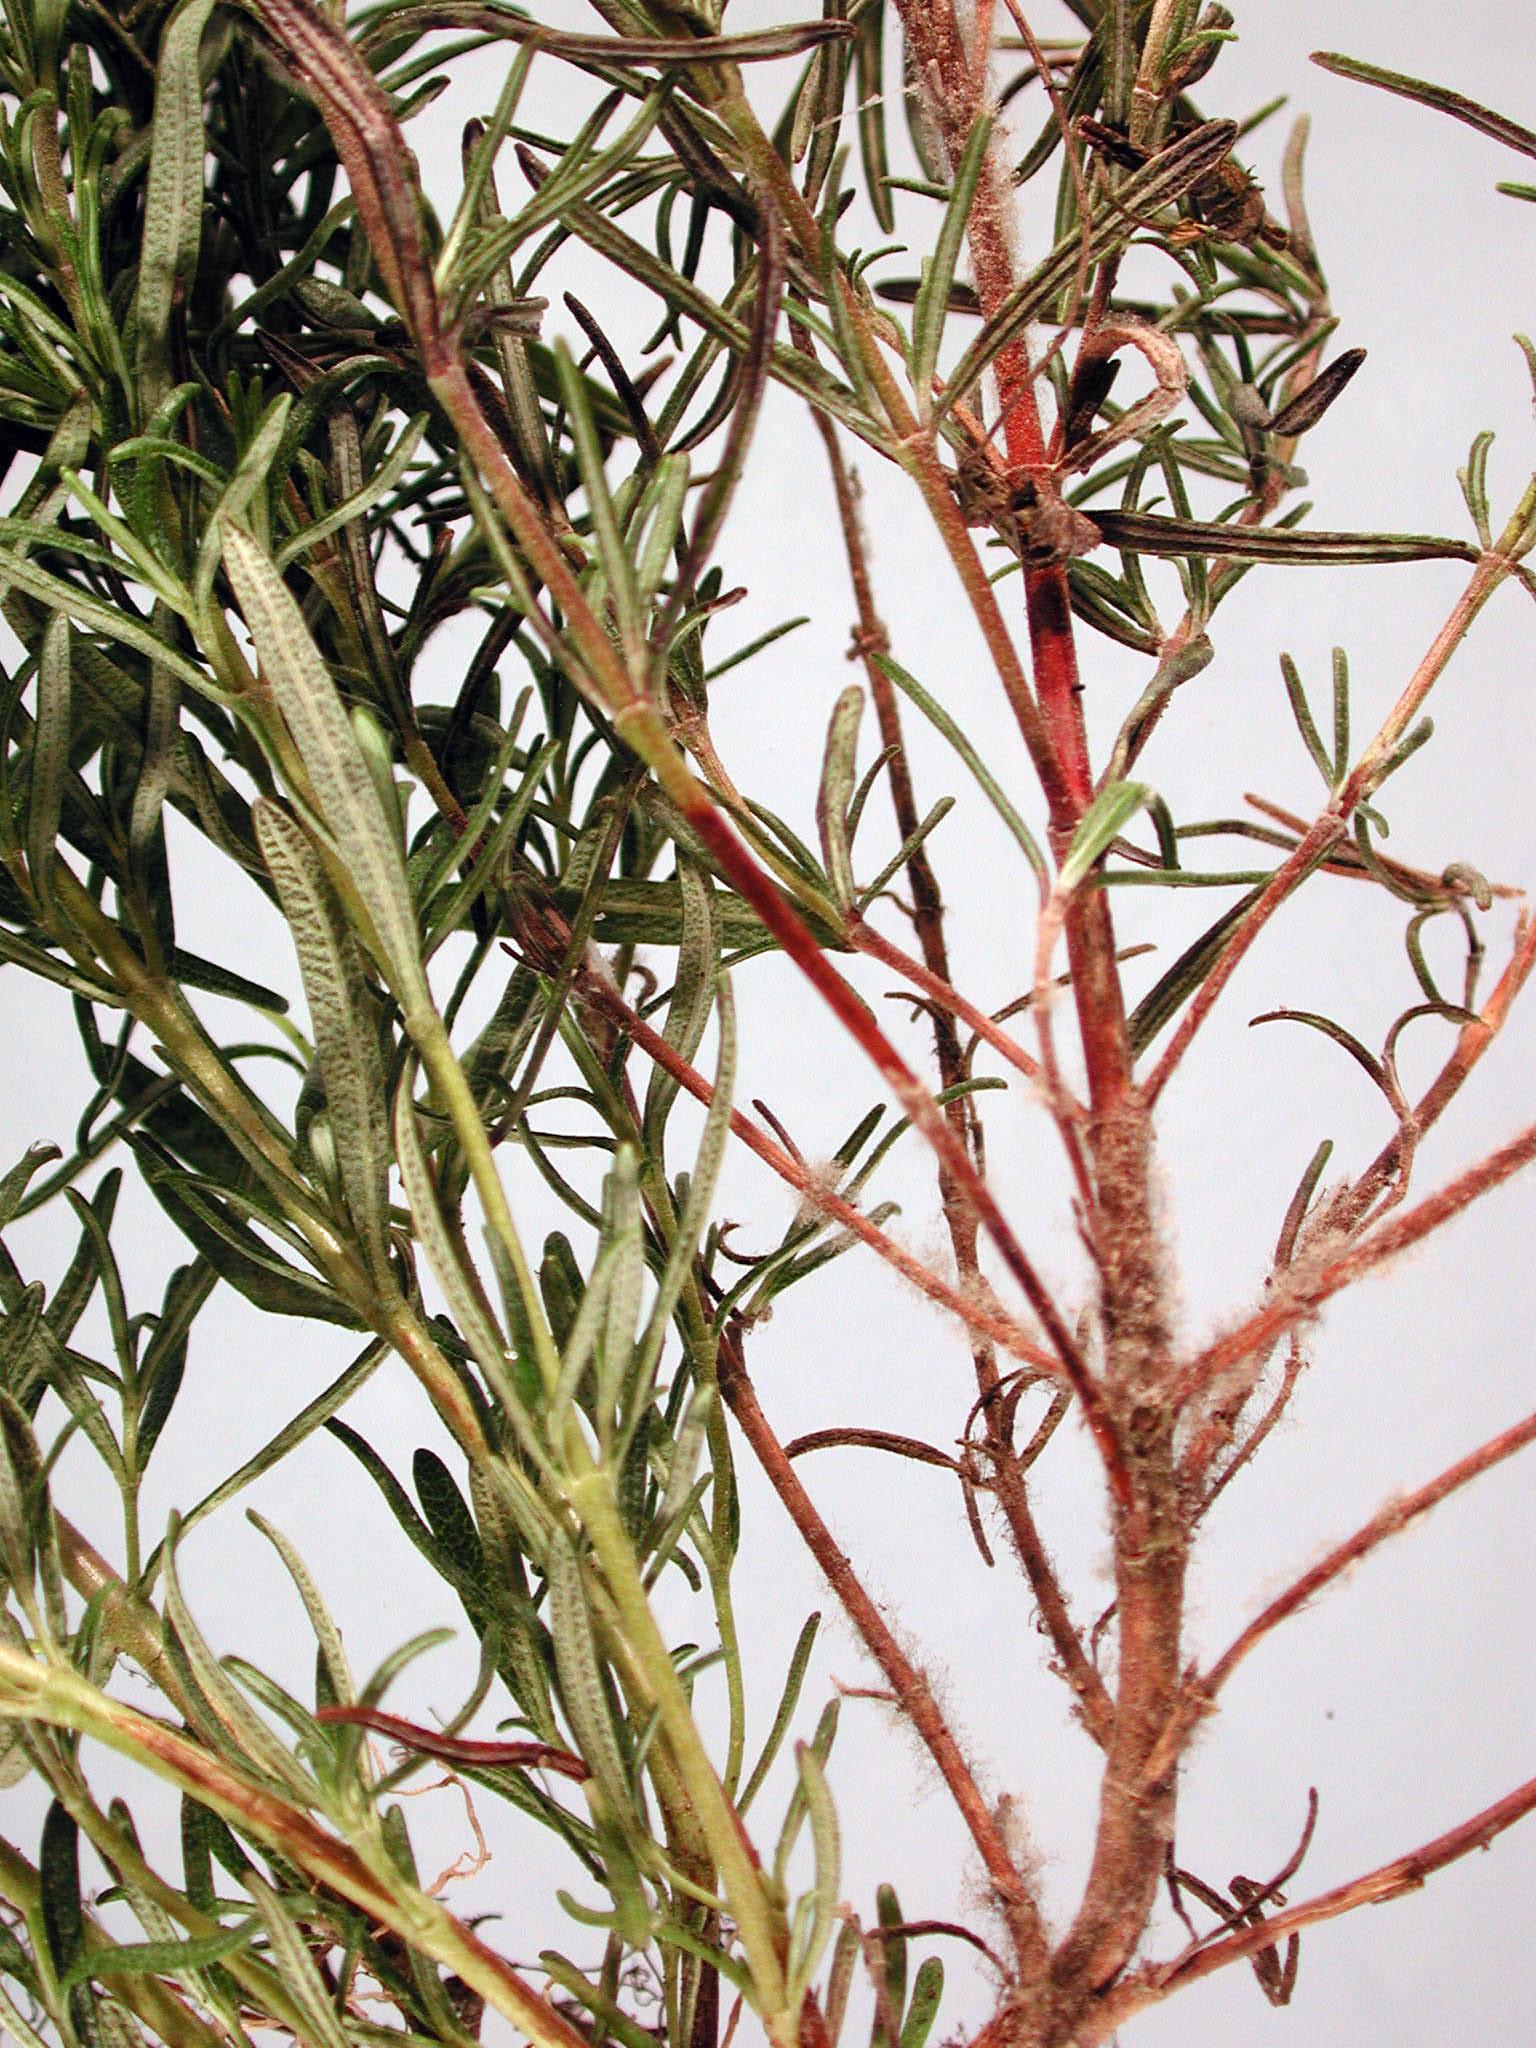 Garden Bush: Rosemary (Rosmarinus Officinalis)-Botrytis Stem Canker